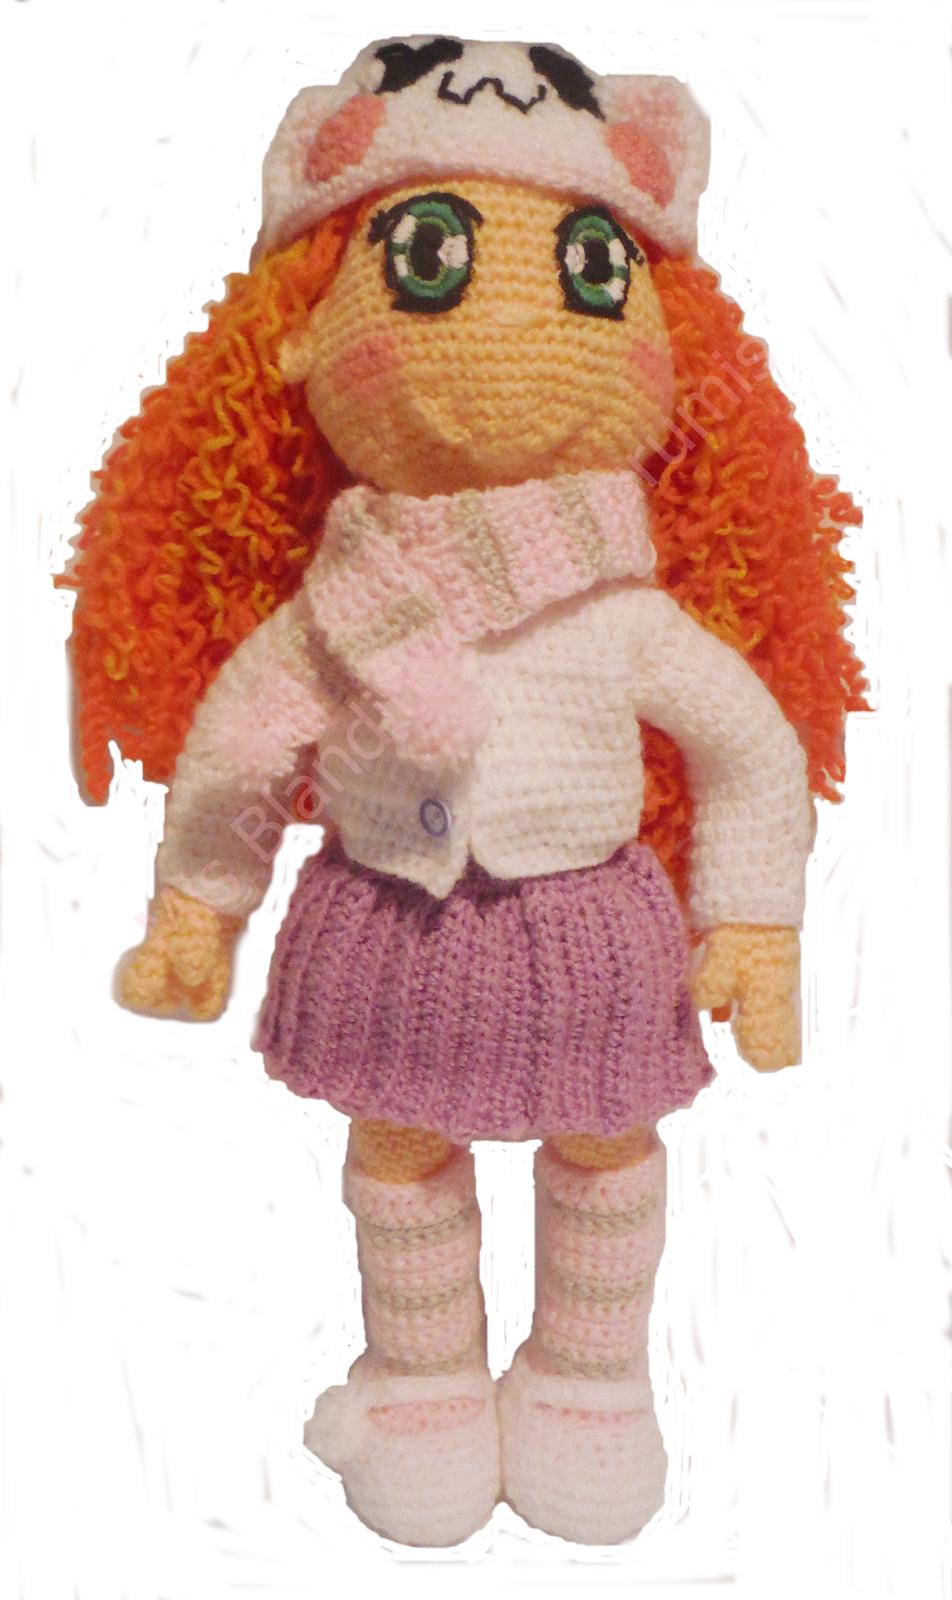 muñeca amigurumi sonrisas